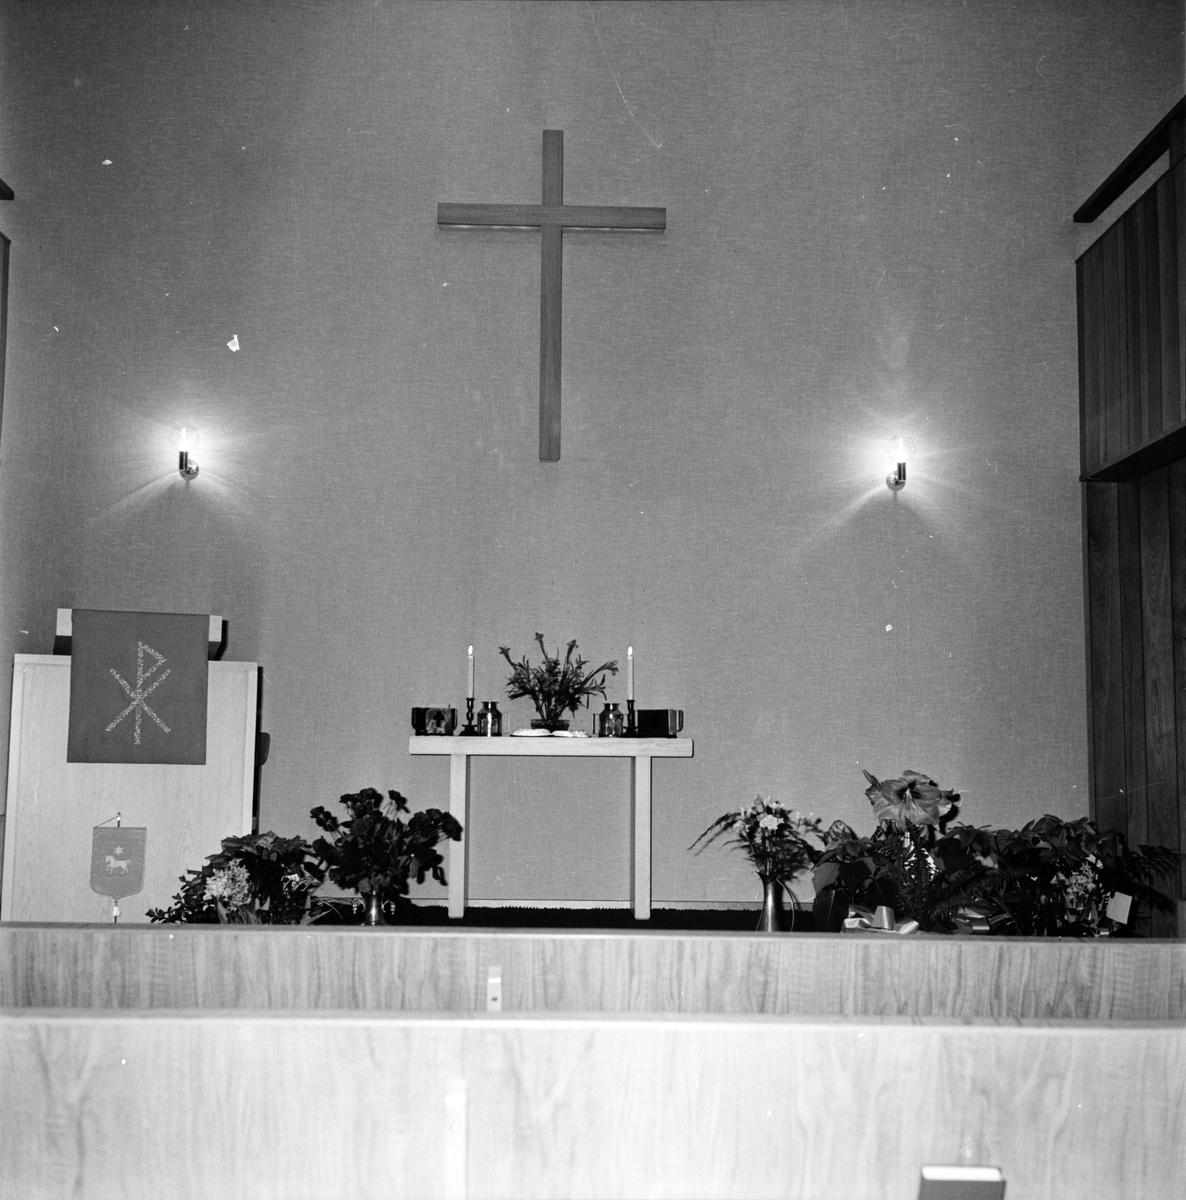 Arbrå, Baptistkyrkan, Invigning, December 1971